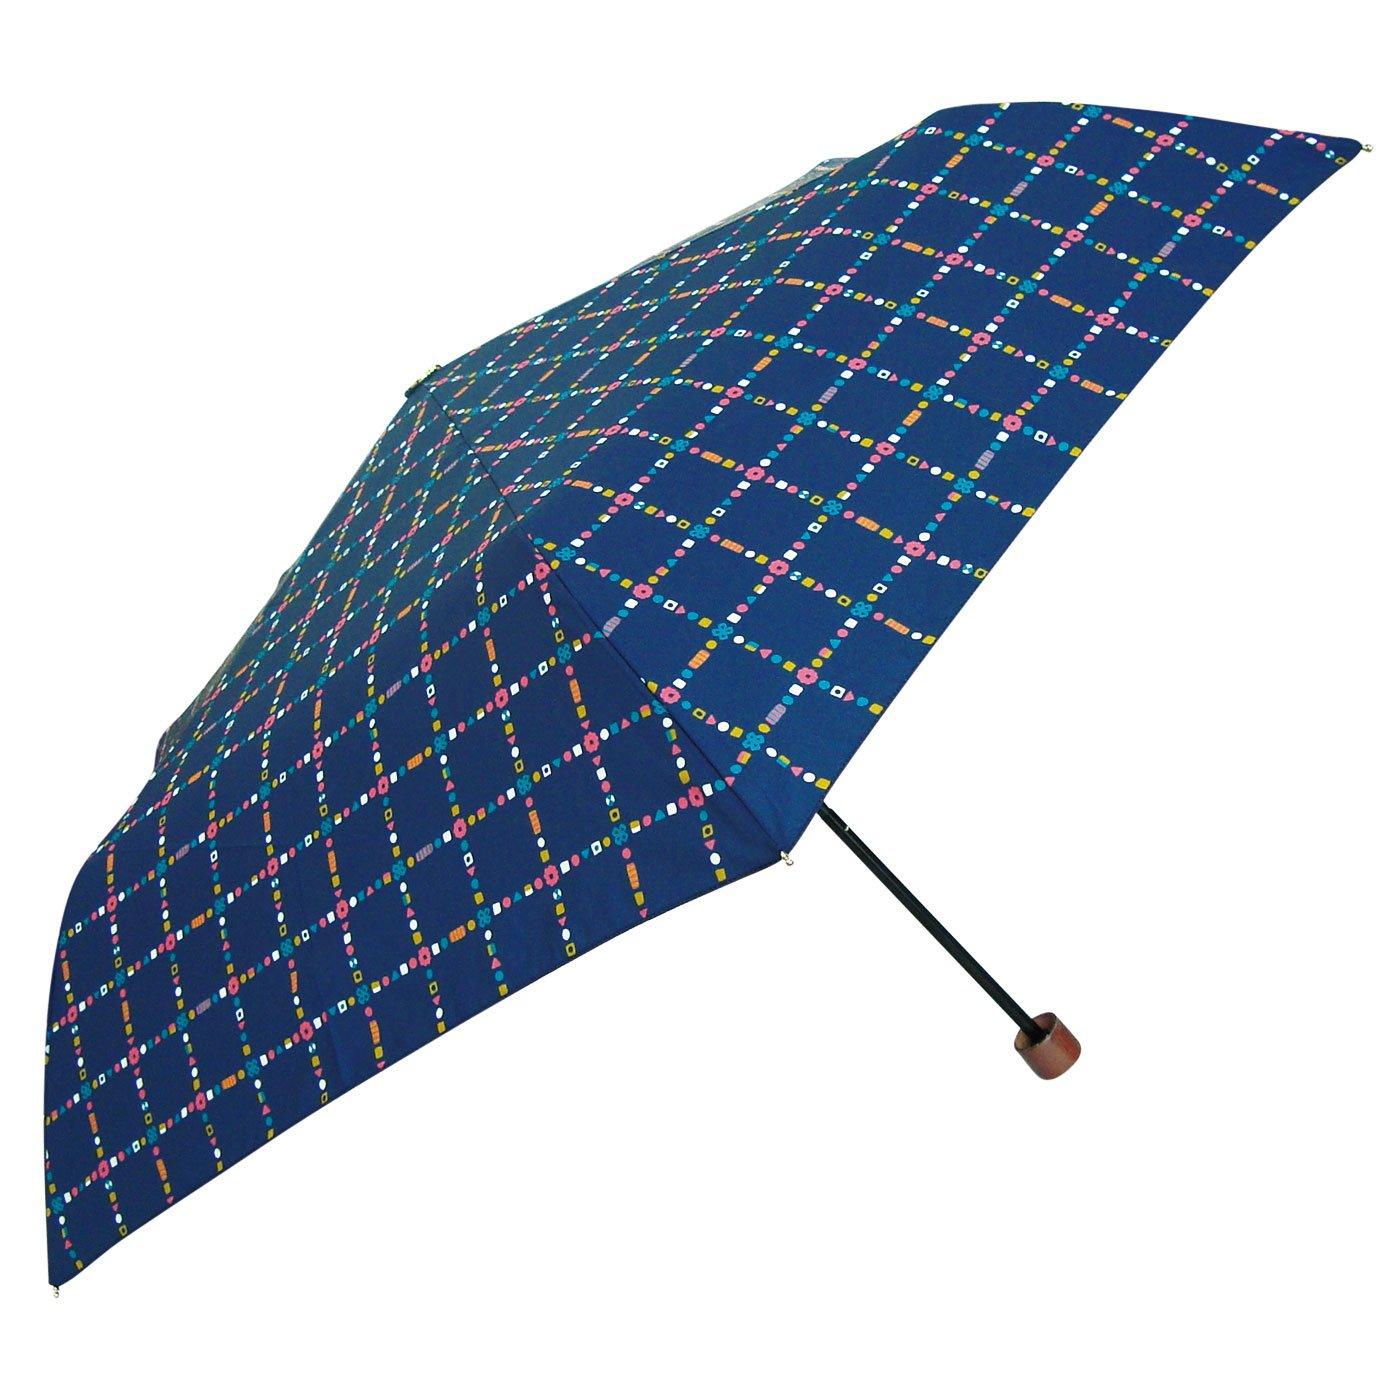 Shizuku L 折りたたみ傘 晴雨兼用(キャンディチェック)